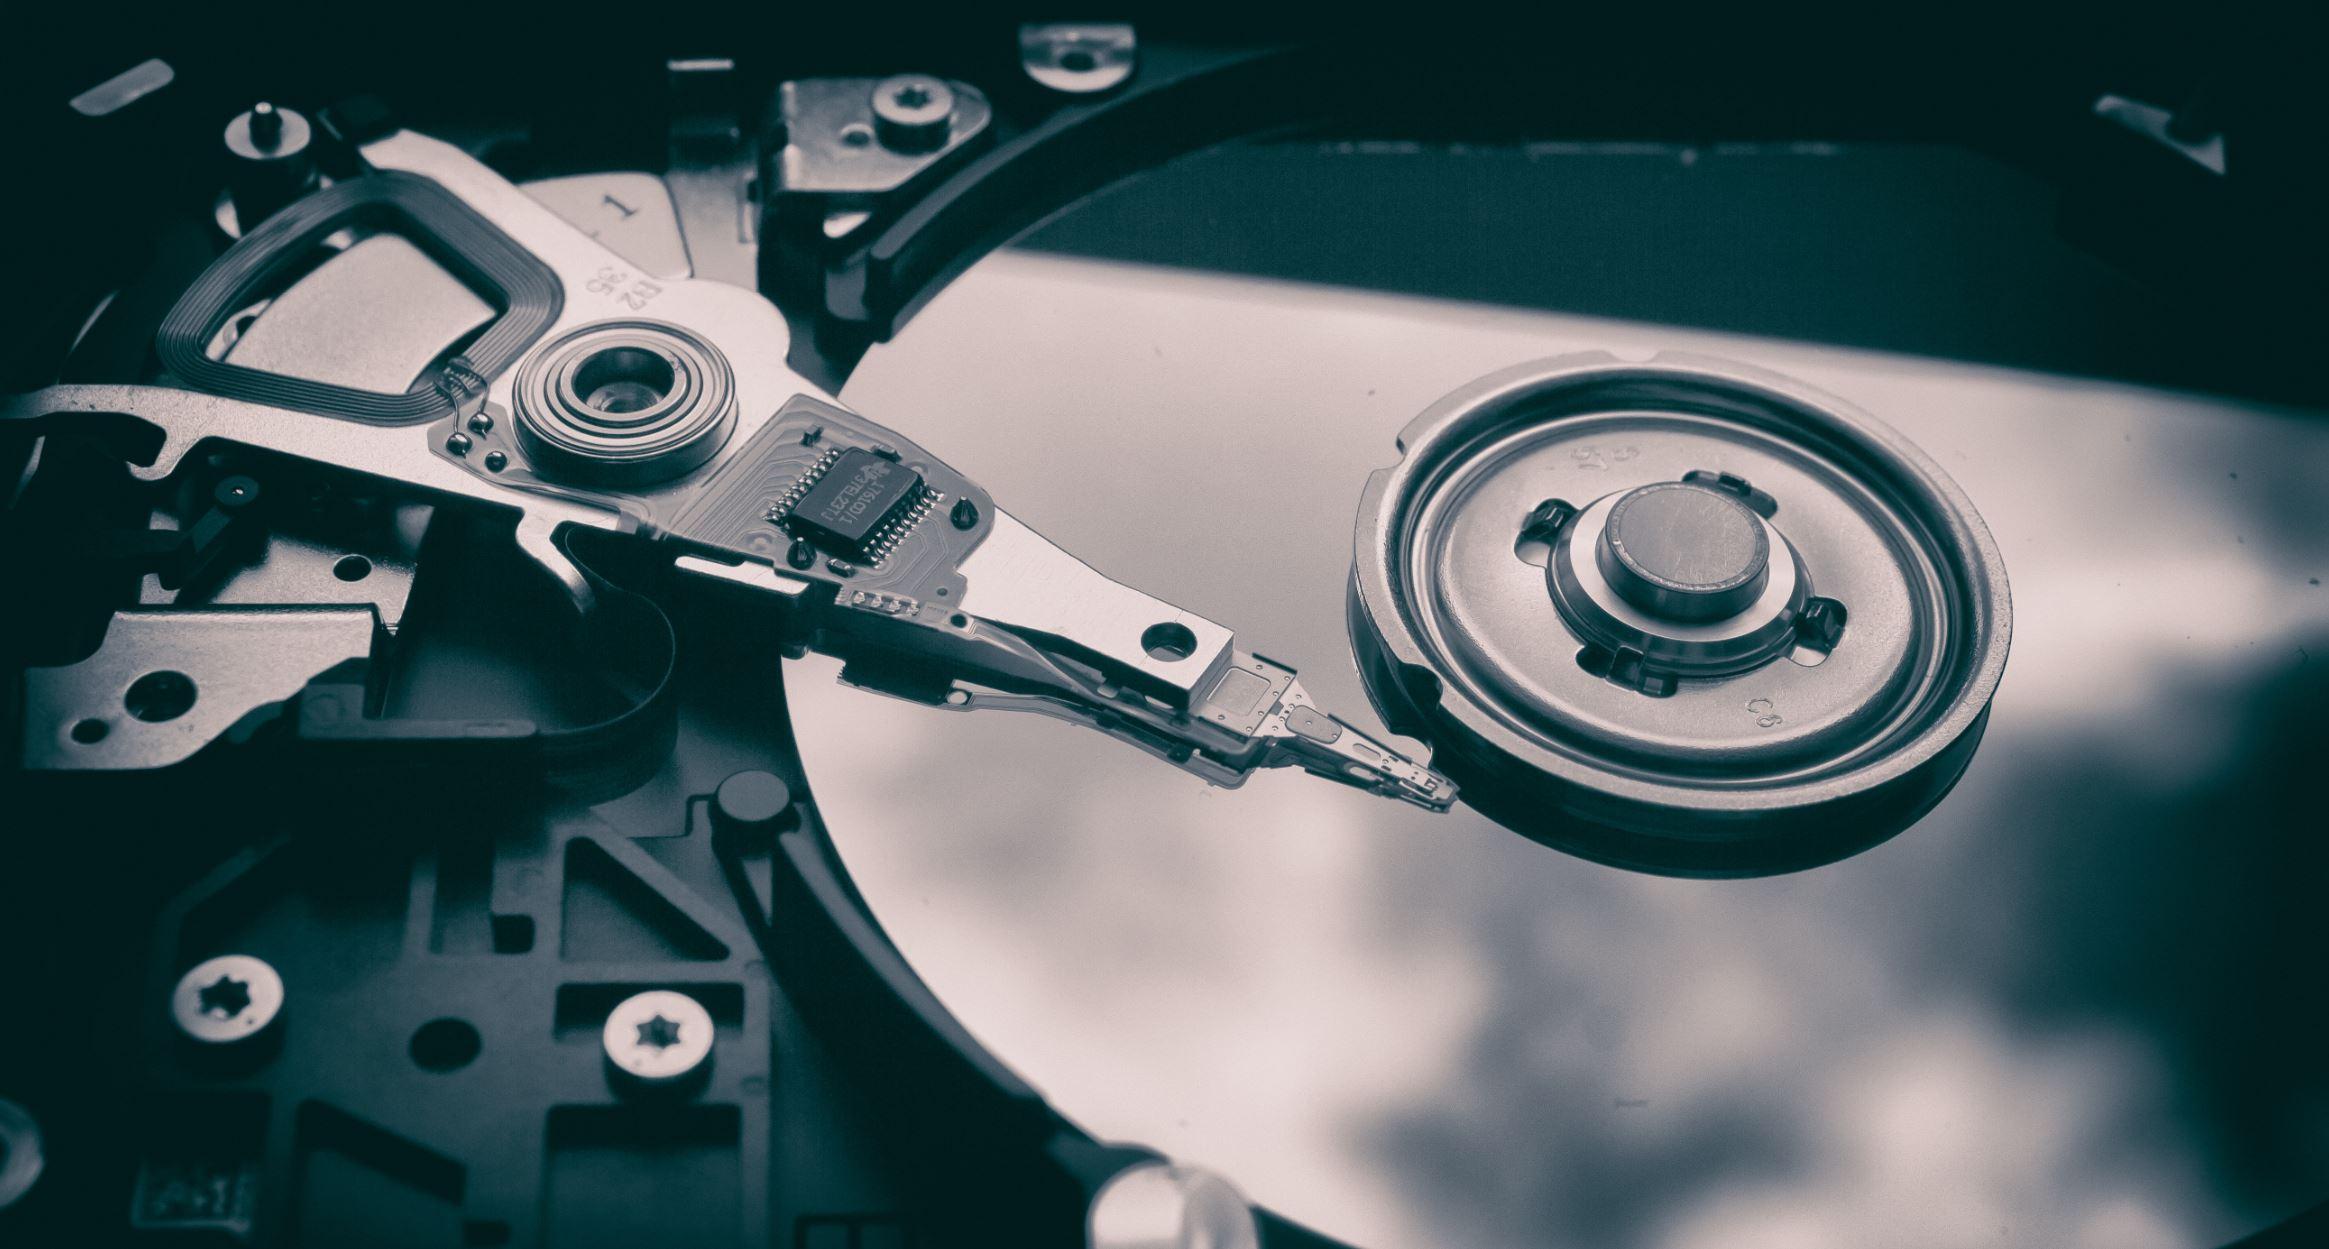 An old fashioned hard drive - Image Credit:  Patrick Lindenberg via Unsplash